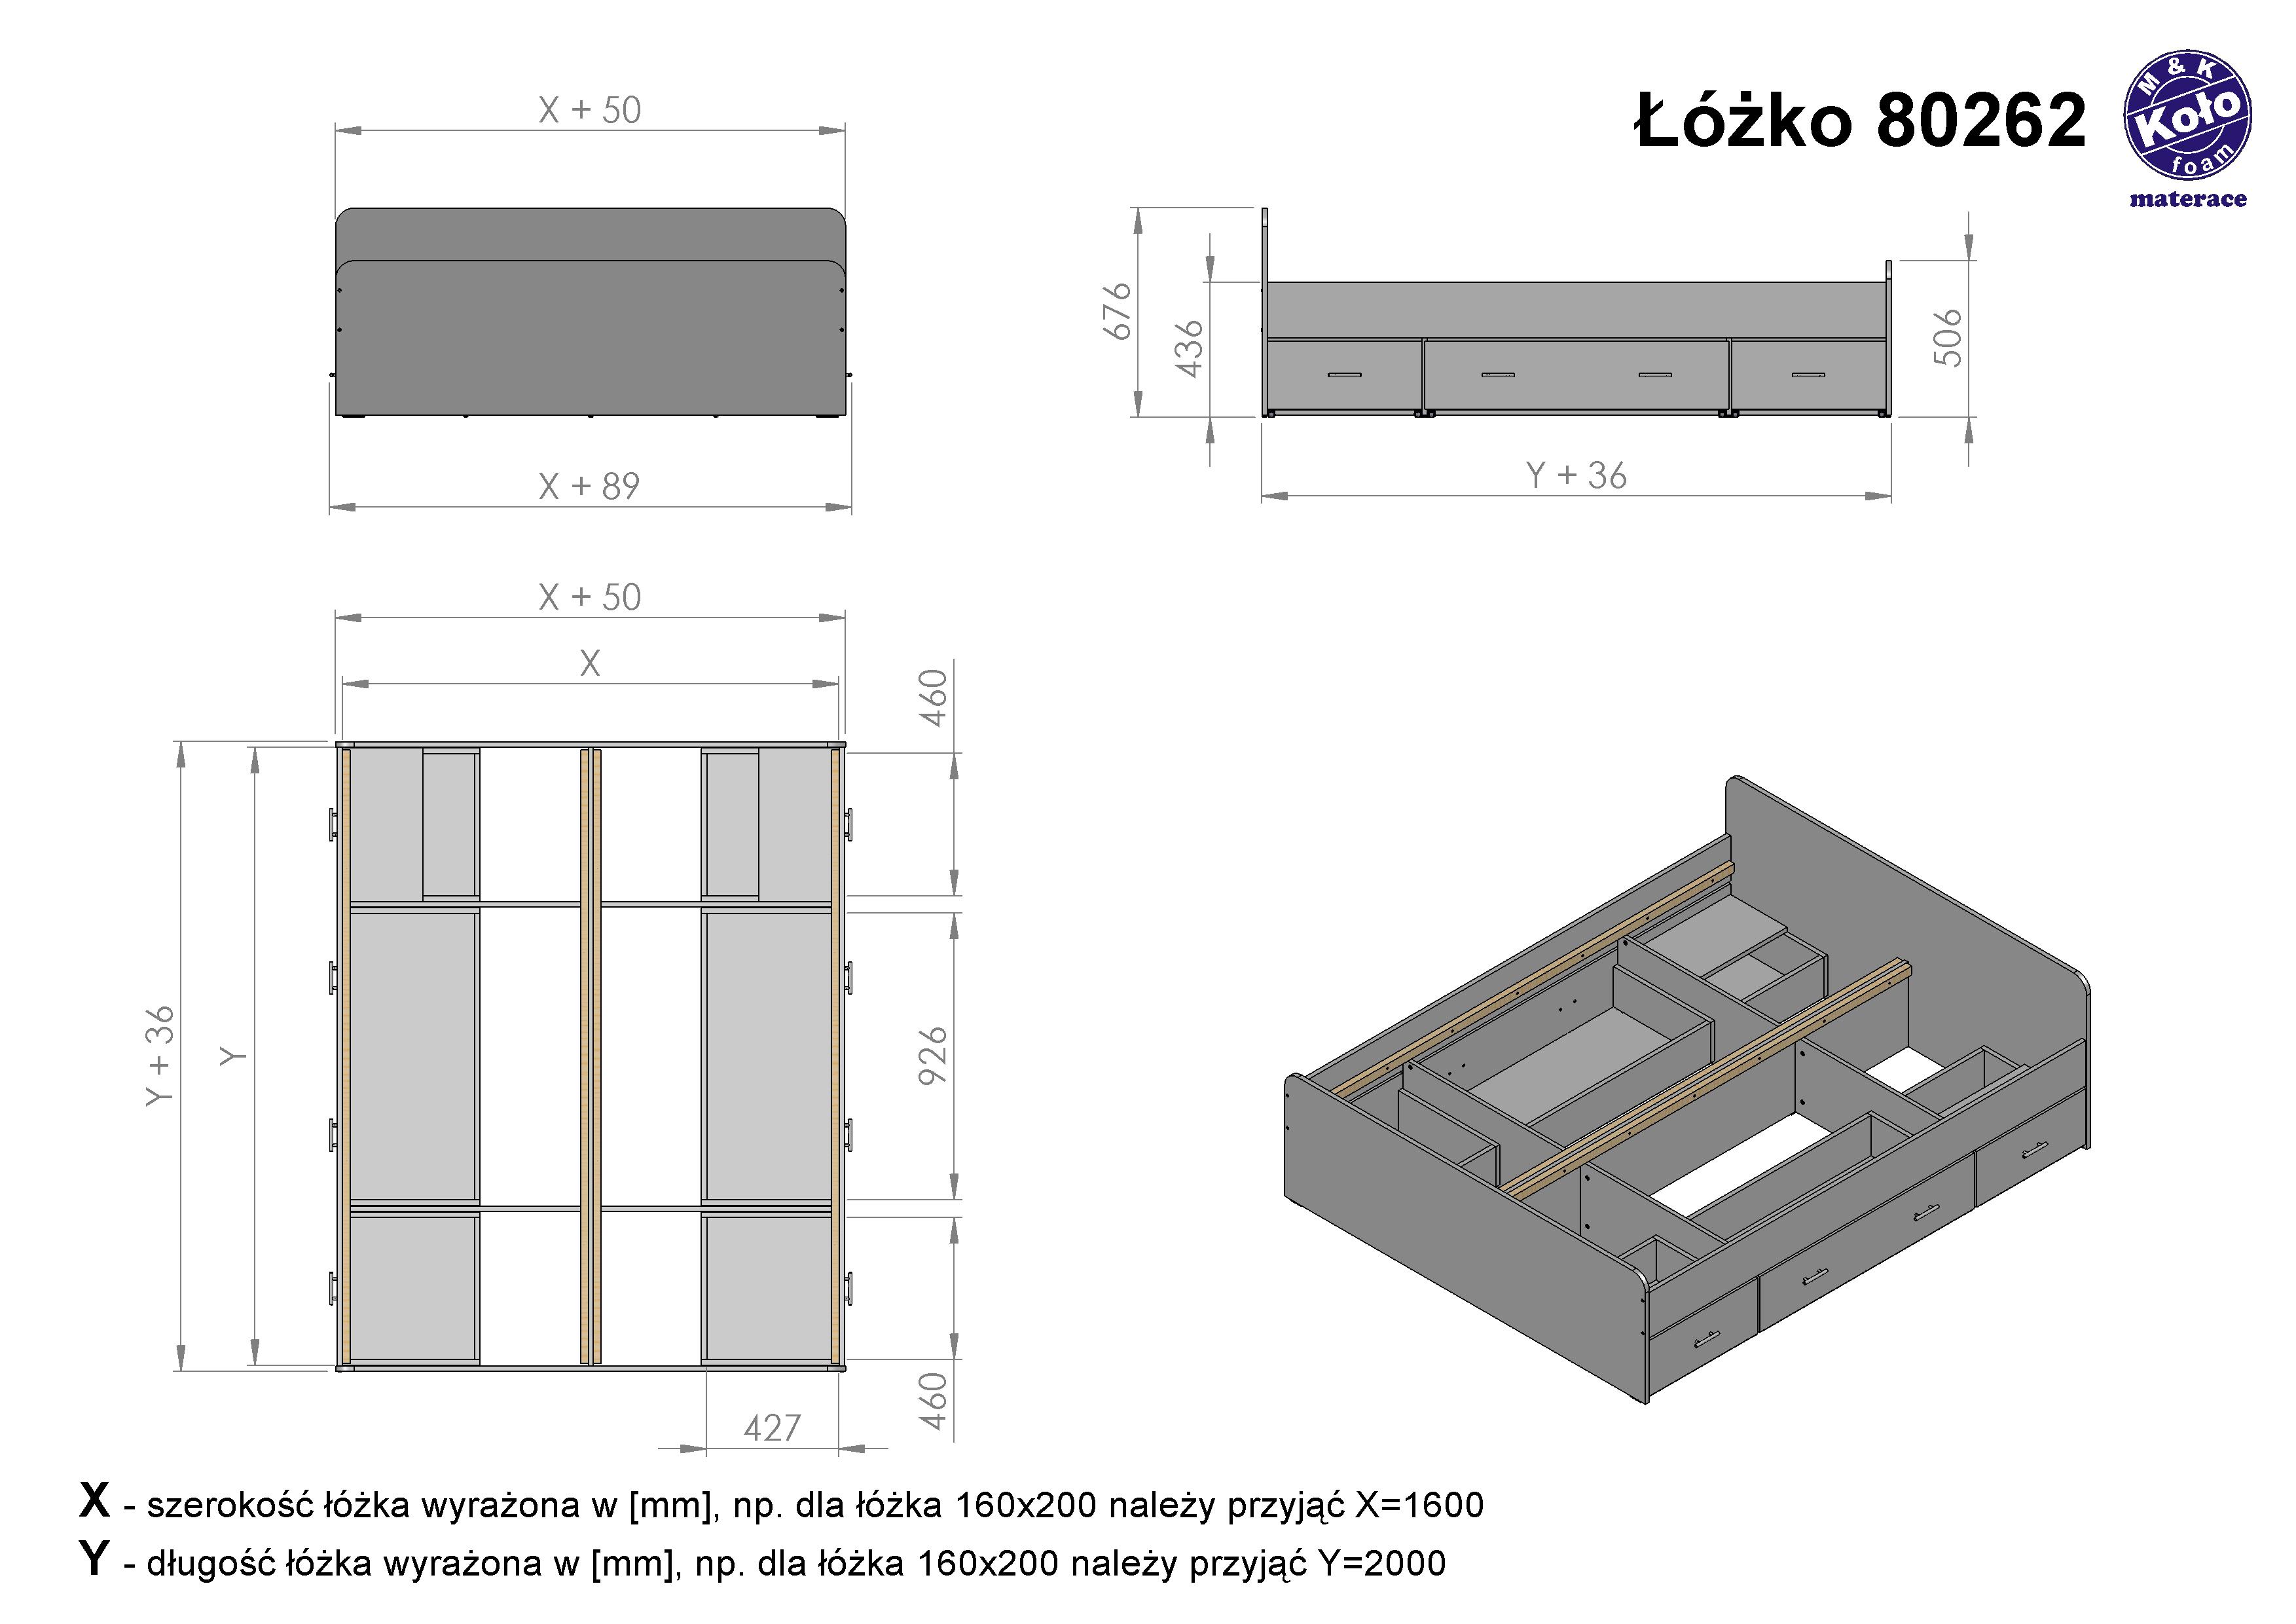 łóżko Drewniane 80262 23 Klon